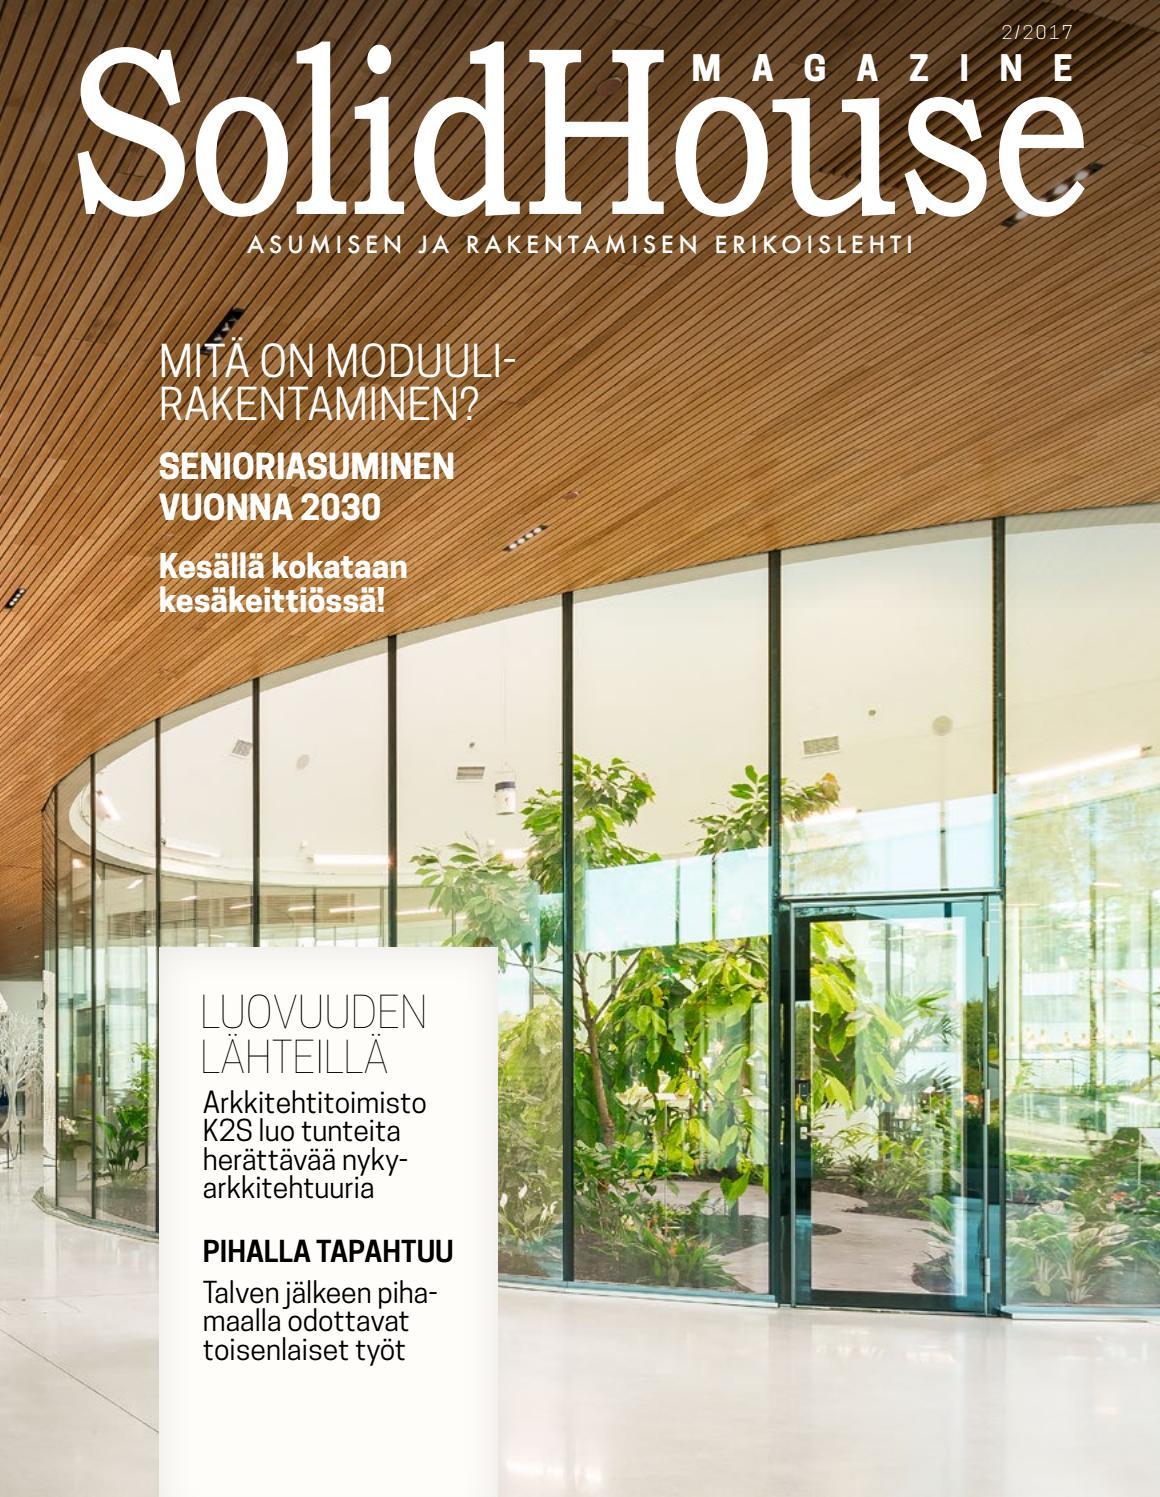 Solid House Magazine 2 2017 by Solid House Magazine - issuu ff21a365e0